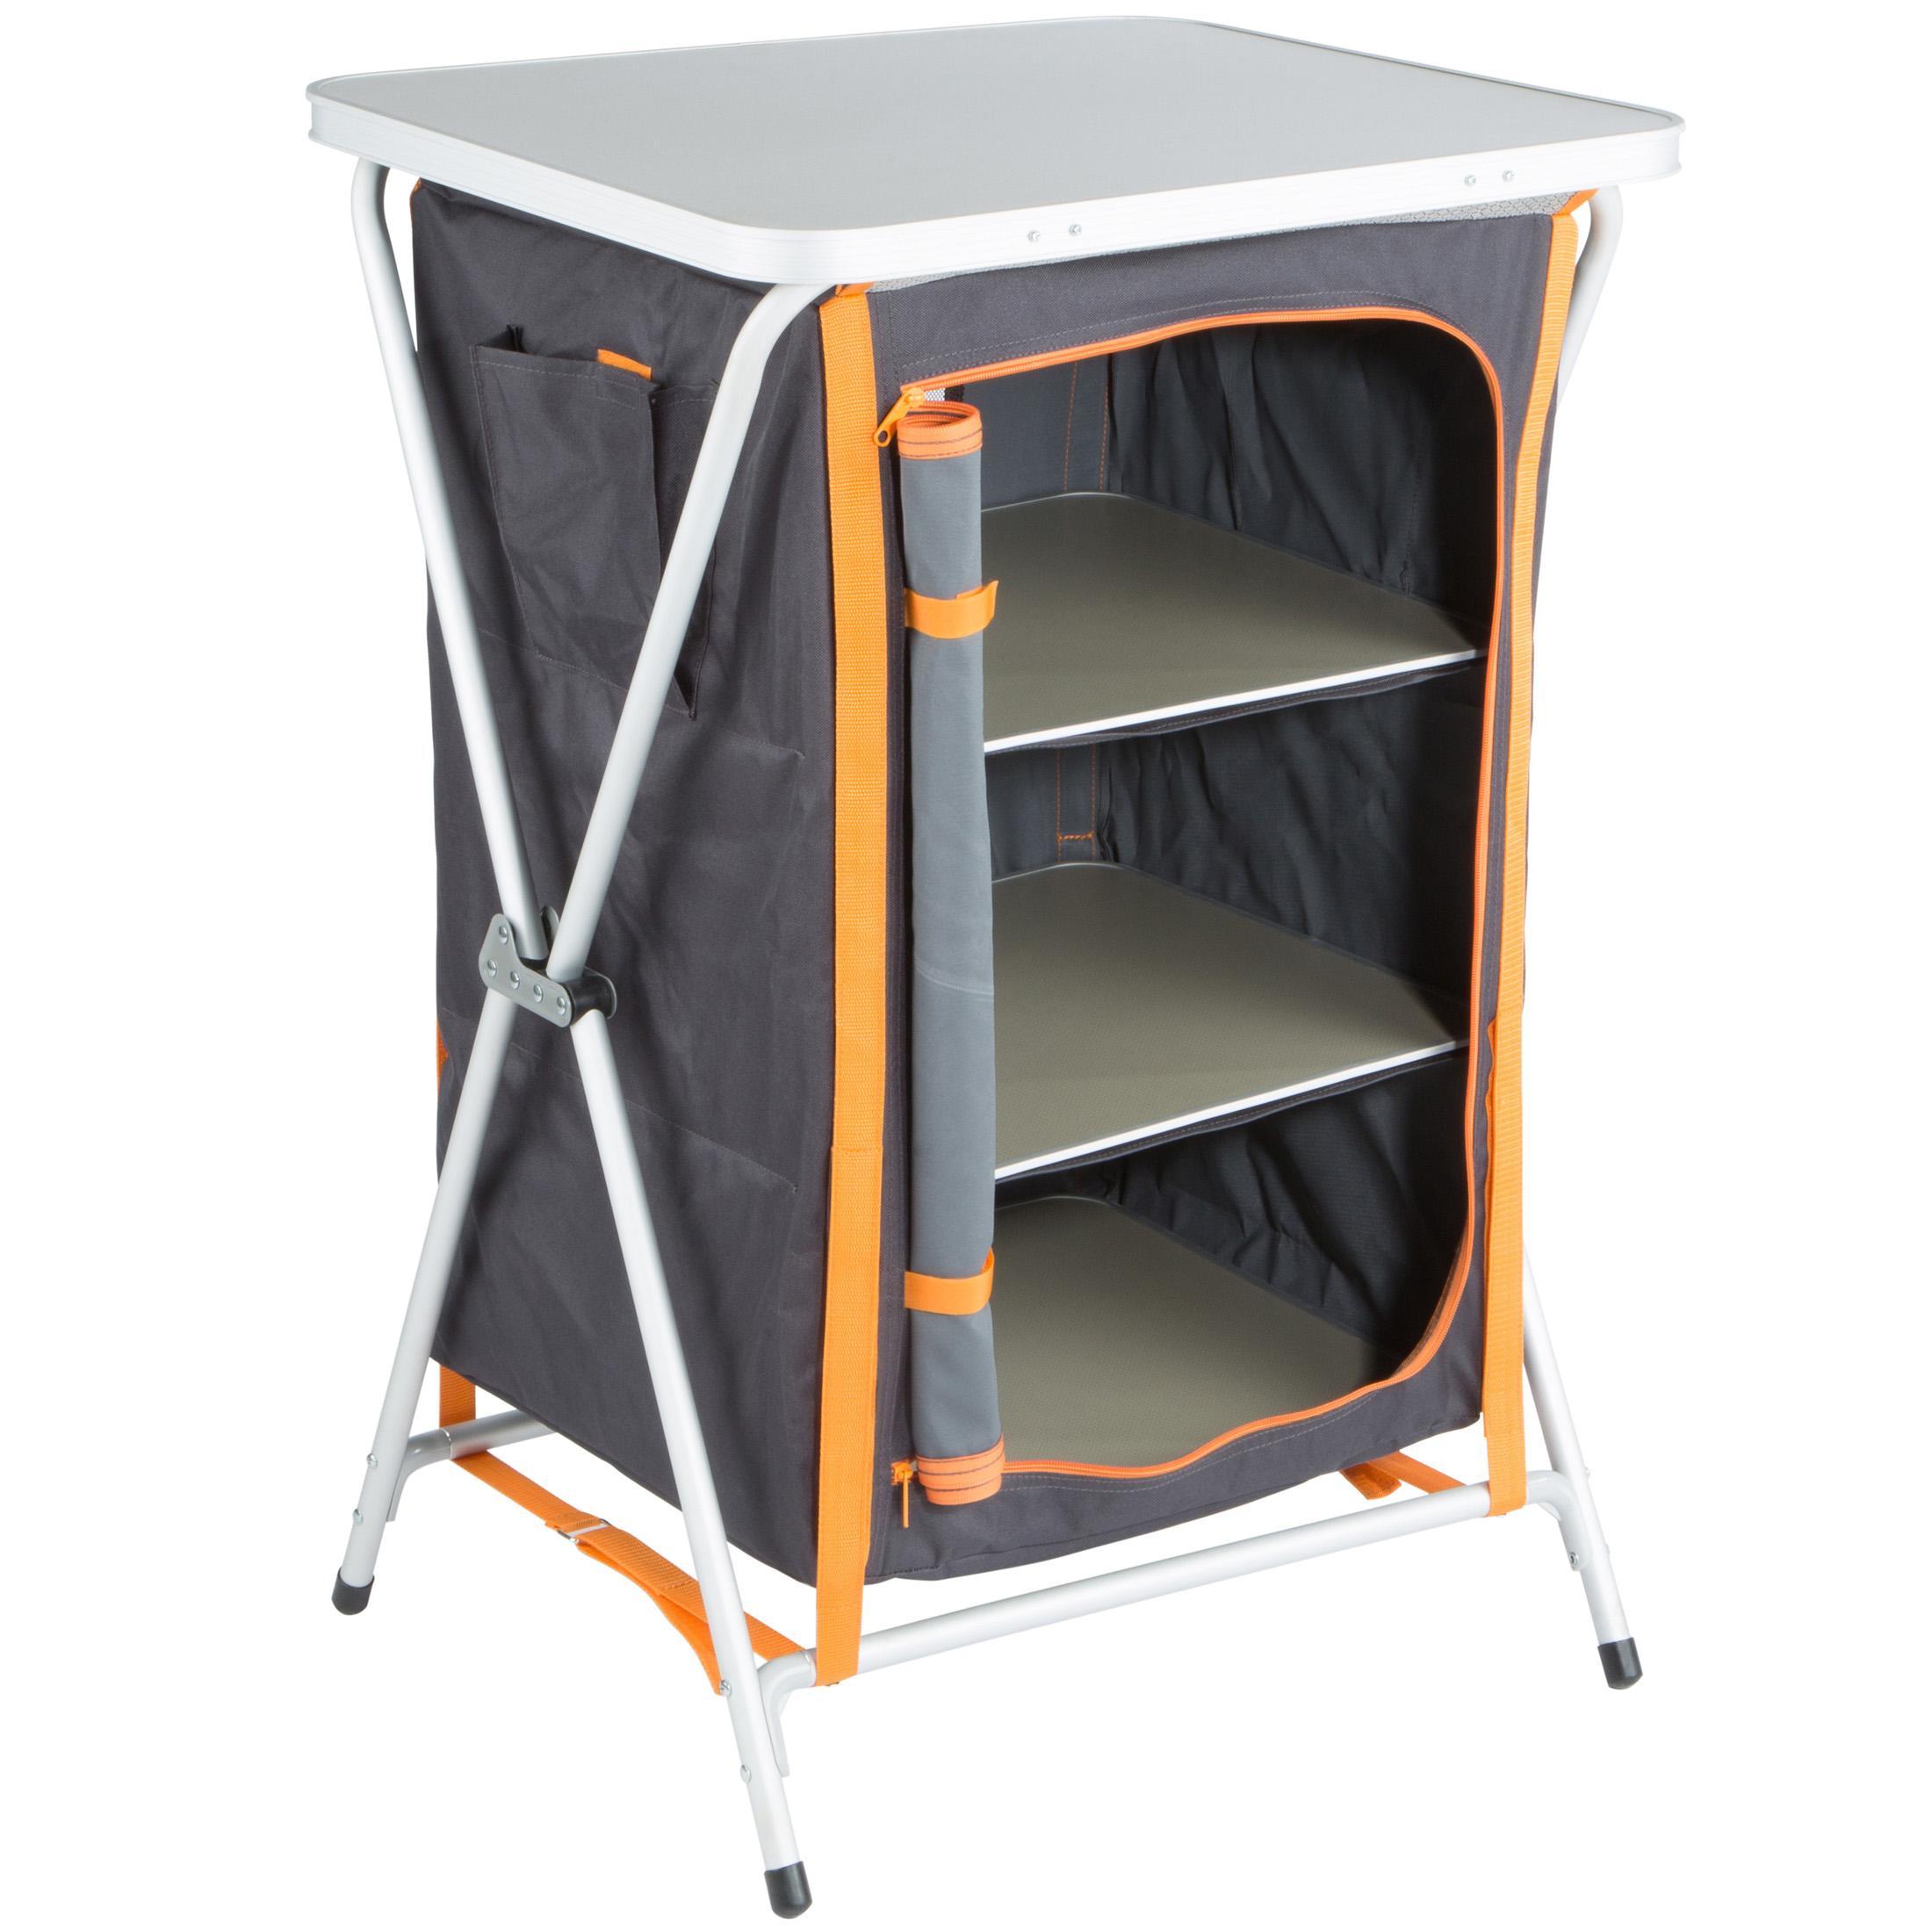 Ultrasport armario para camping armario plegable for Armario plegable camping